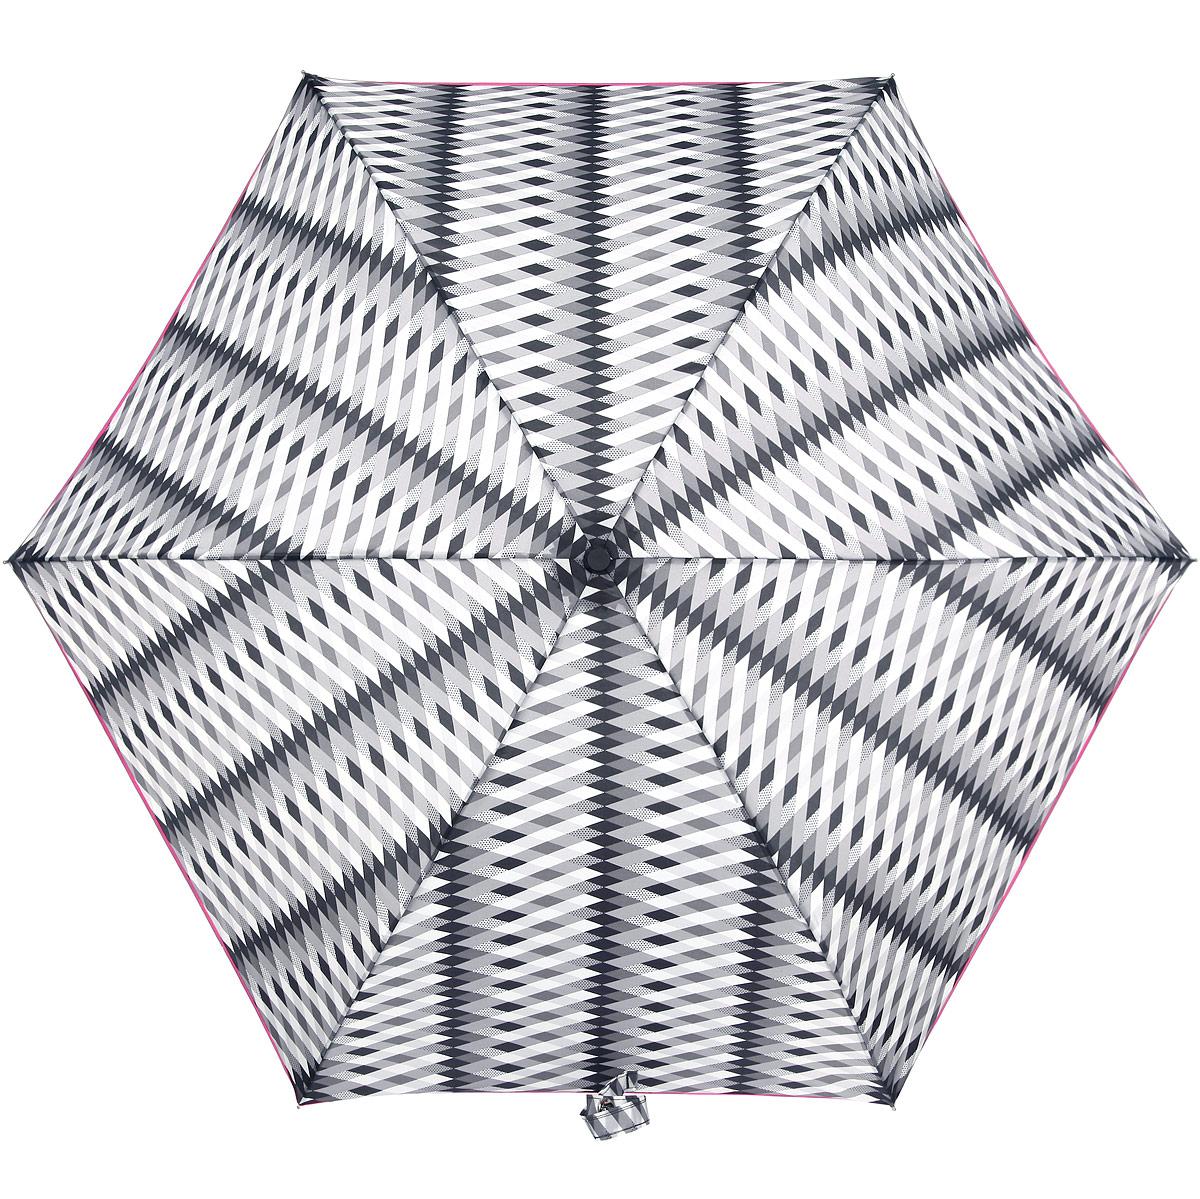 Зонт женский Fulton Lulu Guinness Superslim. Monochrome Milan, механический, 3 сложения, цвет: белый, розовый, серый, черный. L718-295845100738/18076/4D00NОчаровательный механический зонтик Lulu Guinness Superslim. Monochrome Milan в 3 сложения изготовлен из высокопрочных материалов. Каркас зонта состоит из 6 спиц и прочного алюминиевого стержня. Купол зонта выполнен из прочного полиэстера с водоотталкивающей пропиткой и оформлен принтом в виде ромбиков. Рукоятка изготовлена из пластика.Зонт имеет механический механизм сложения: купол открывается и закрывается вручную до характерного щелчка.Модель закрывается при помощи хлястика на кнопку. К зонту прилагается чехол на липучке.Прелестный зонт не только выручит вас в ненастную погоду, но и станет стильным аксессуаром, прекрасно дополнит ваш модный образ.